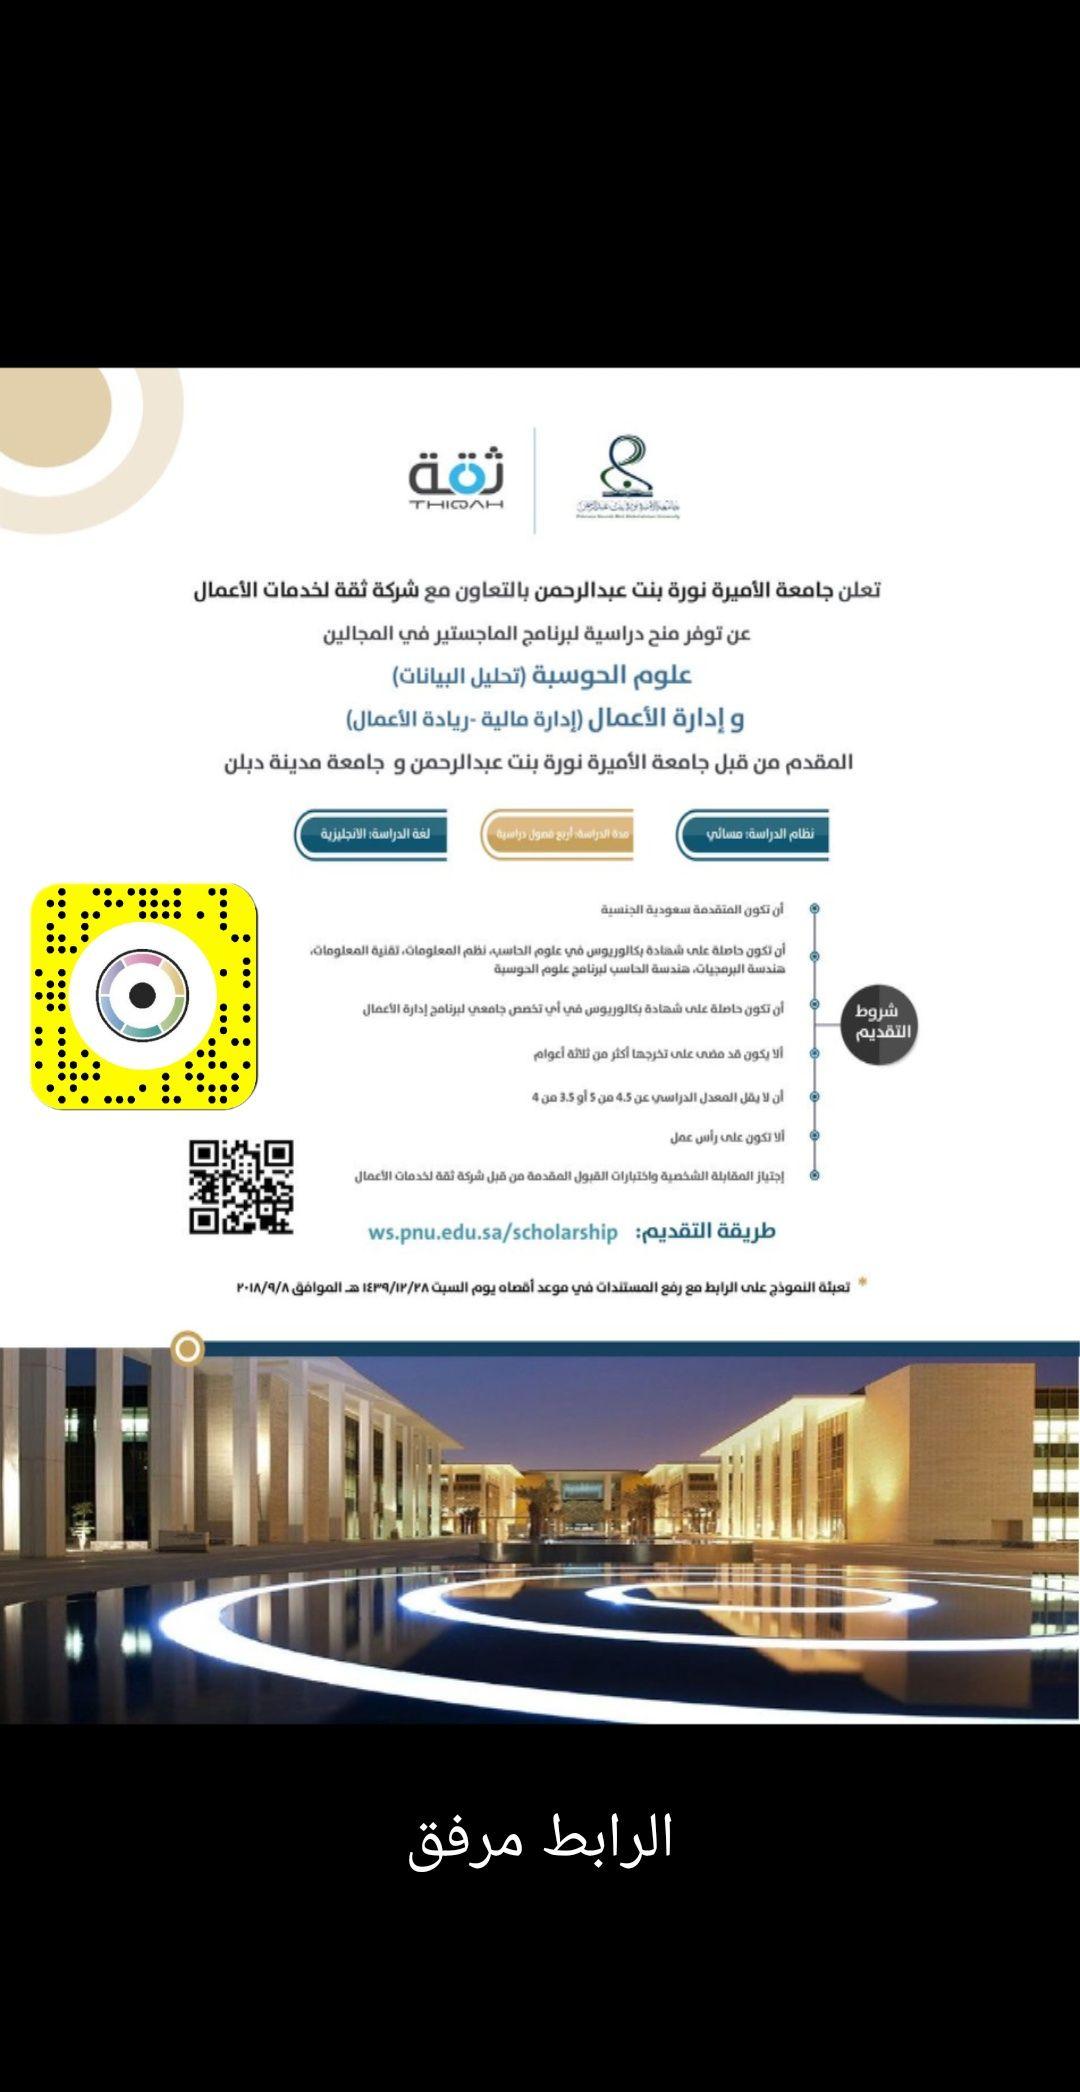 تعلن جامعة الأميرة نورة بنت عبد الرحمن بالتعاون مع شركة ثقة لخدمات الأعمال عن توفر منح دراسية لبرنامجي ماجستير للتقديم على المنح الدراسية Http Scholarships